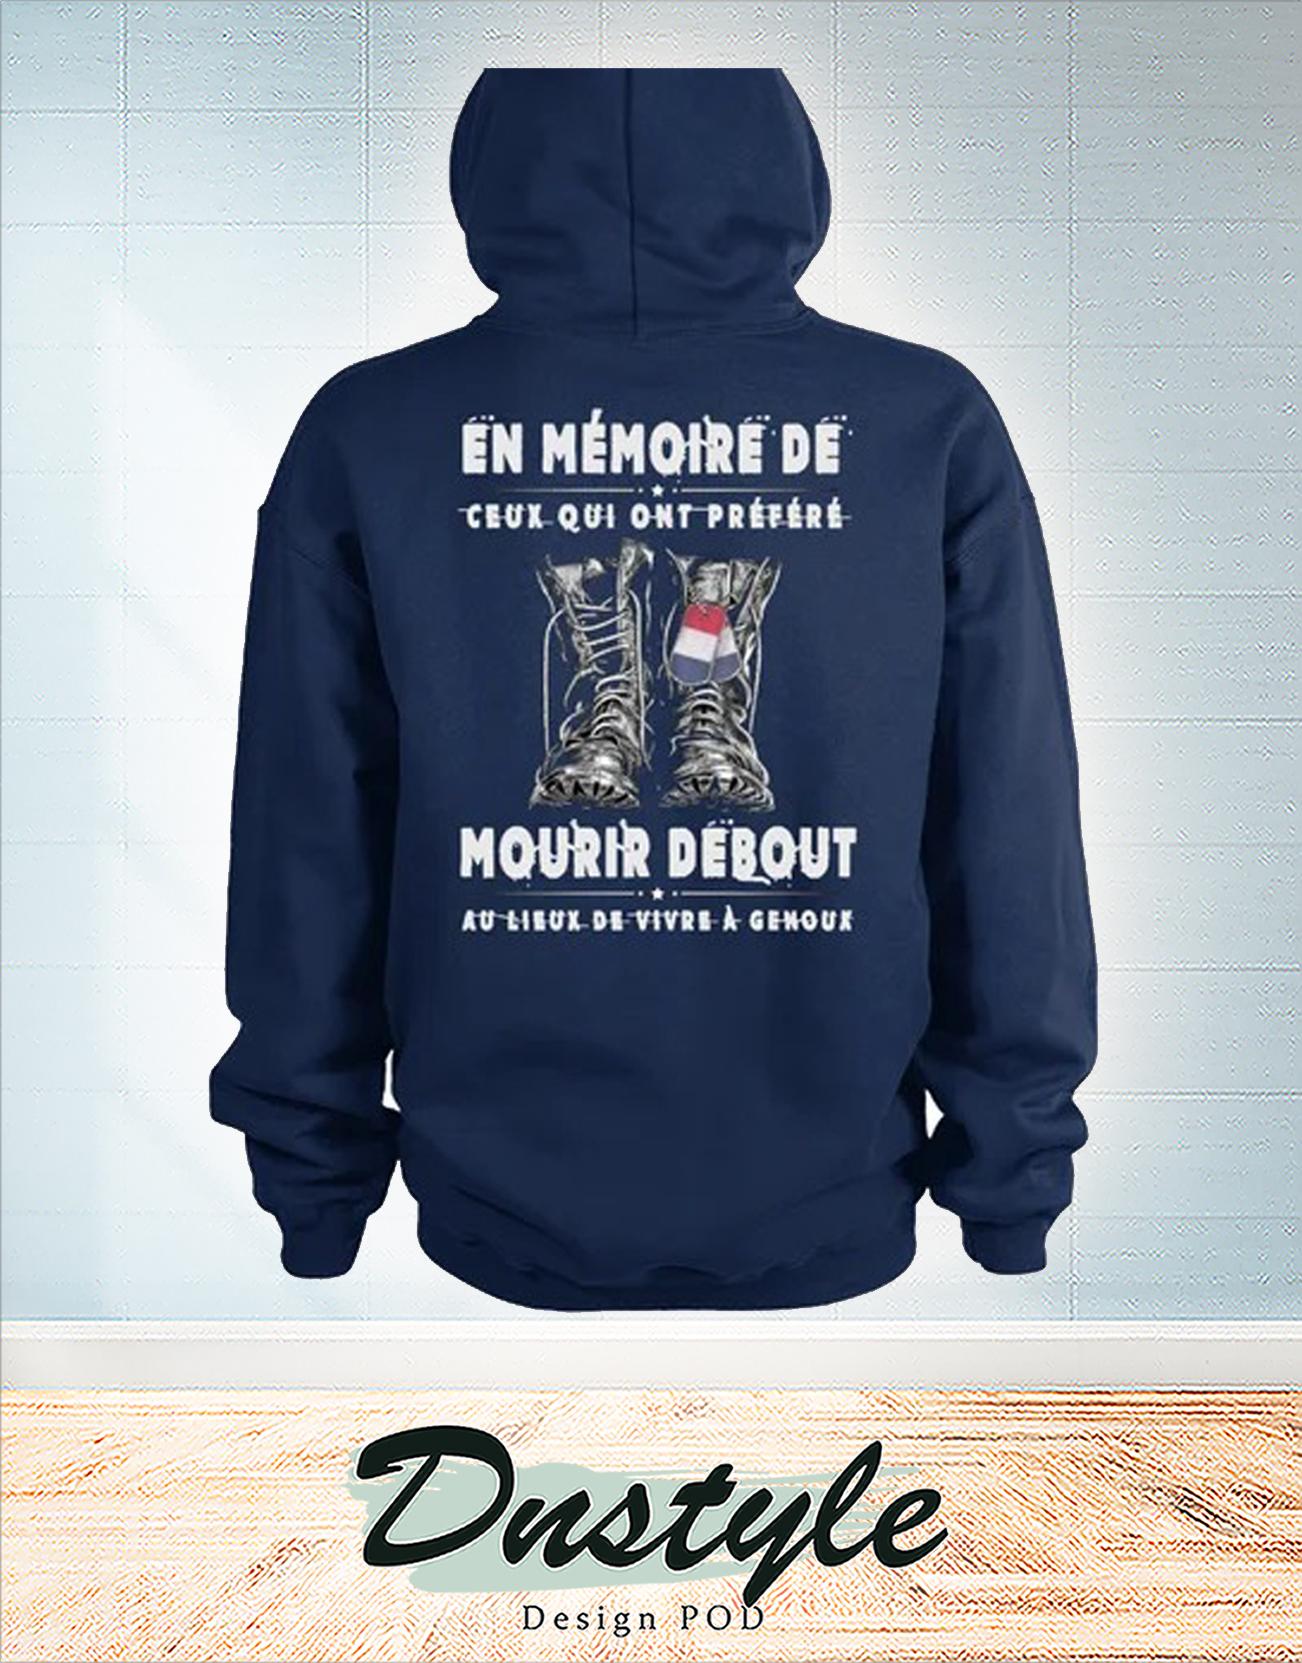 En mémoire de ceux qui nous ont préféré mourir debout hoodie